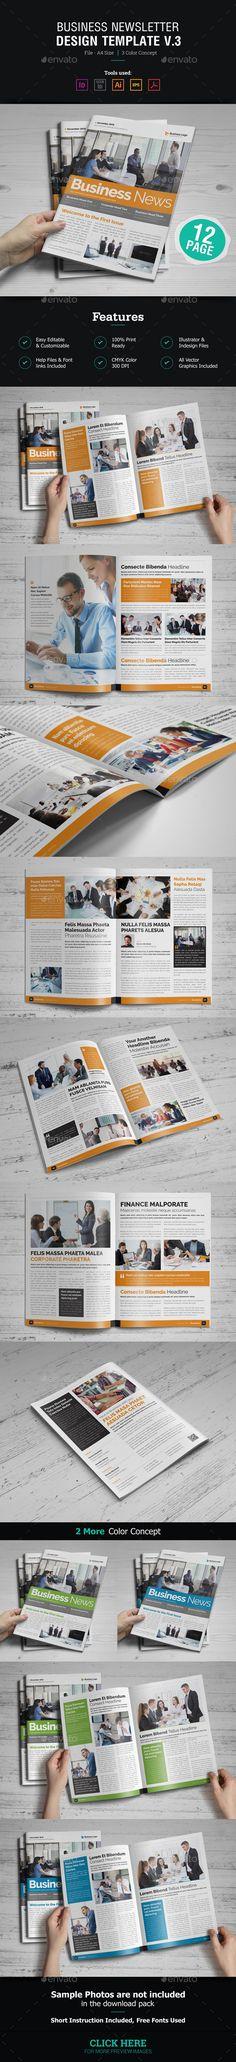 #Newsletter #Design v3 - Newsletters Print #Templates Download here: https://graphicriver.net/item/newsletter-design-v3/18217871?ref=alena994